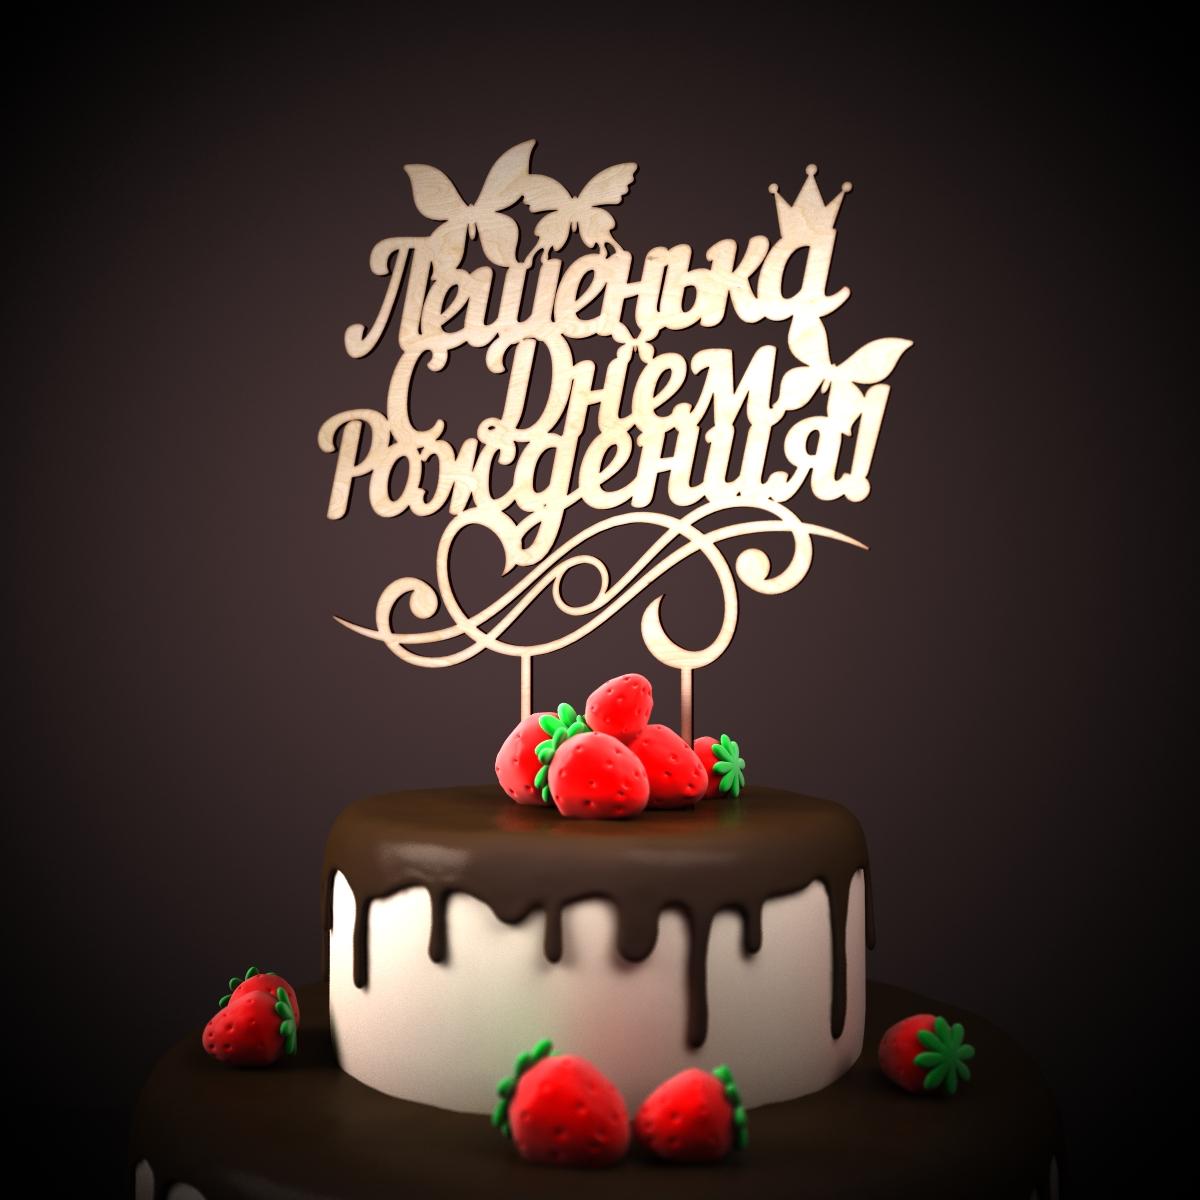 Поздравление для алексея на день рождения